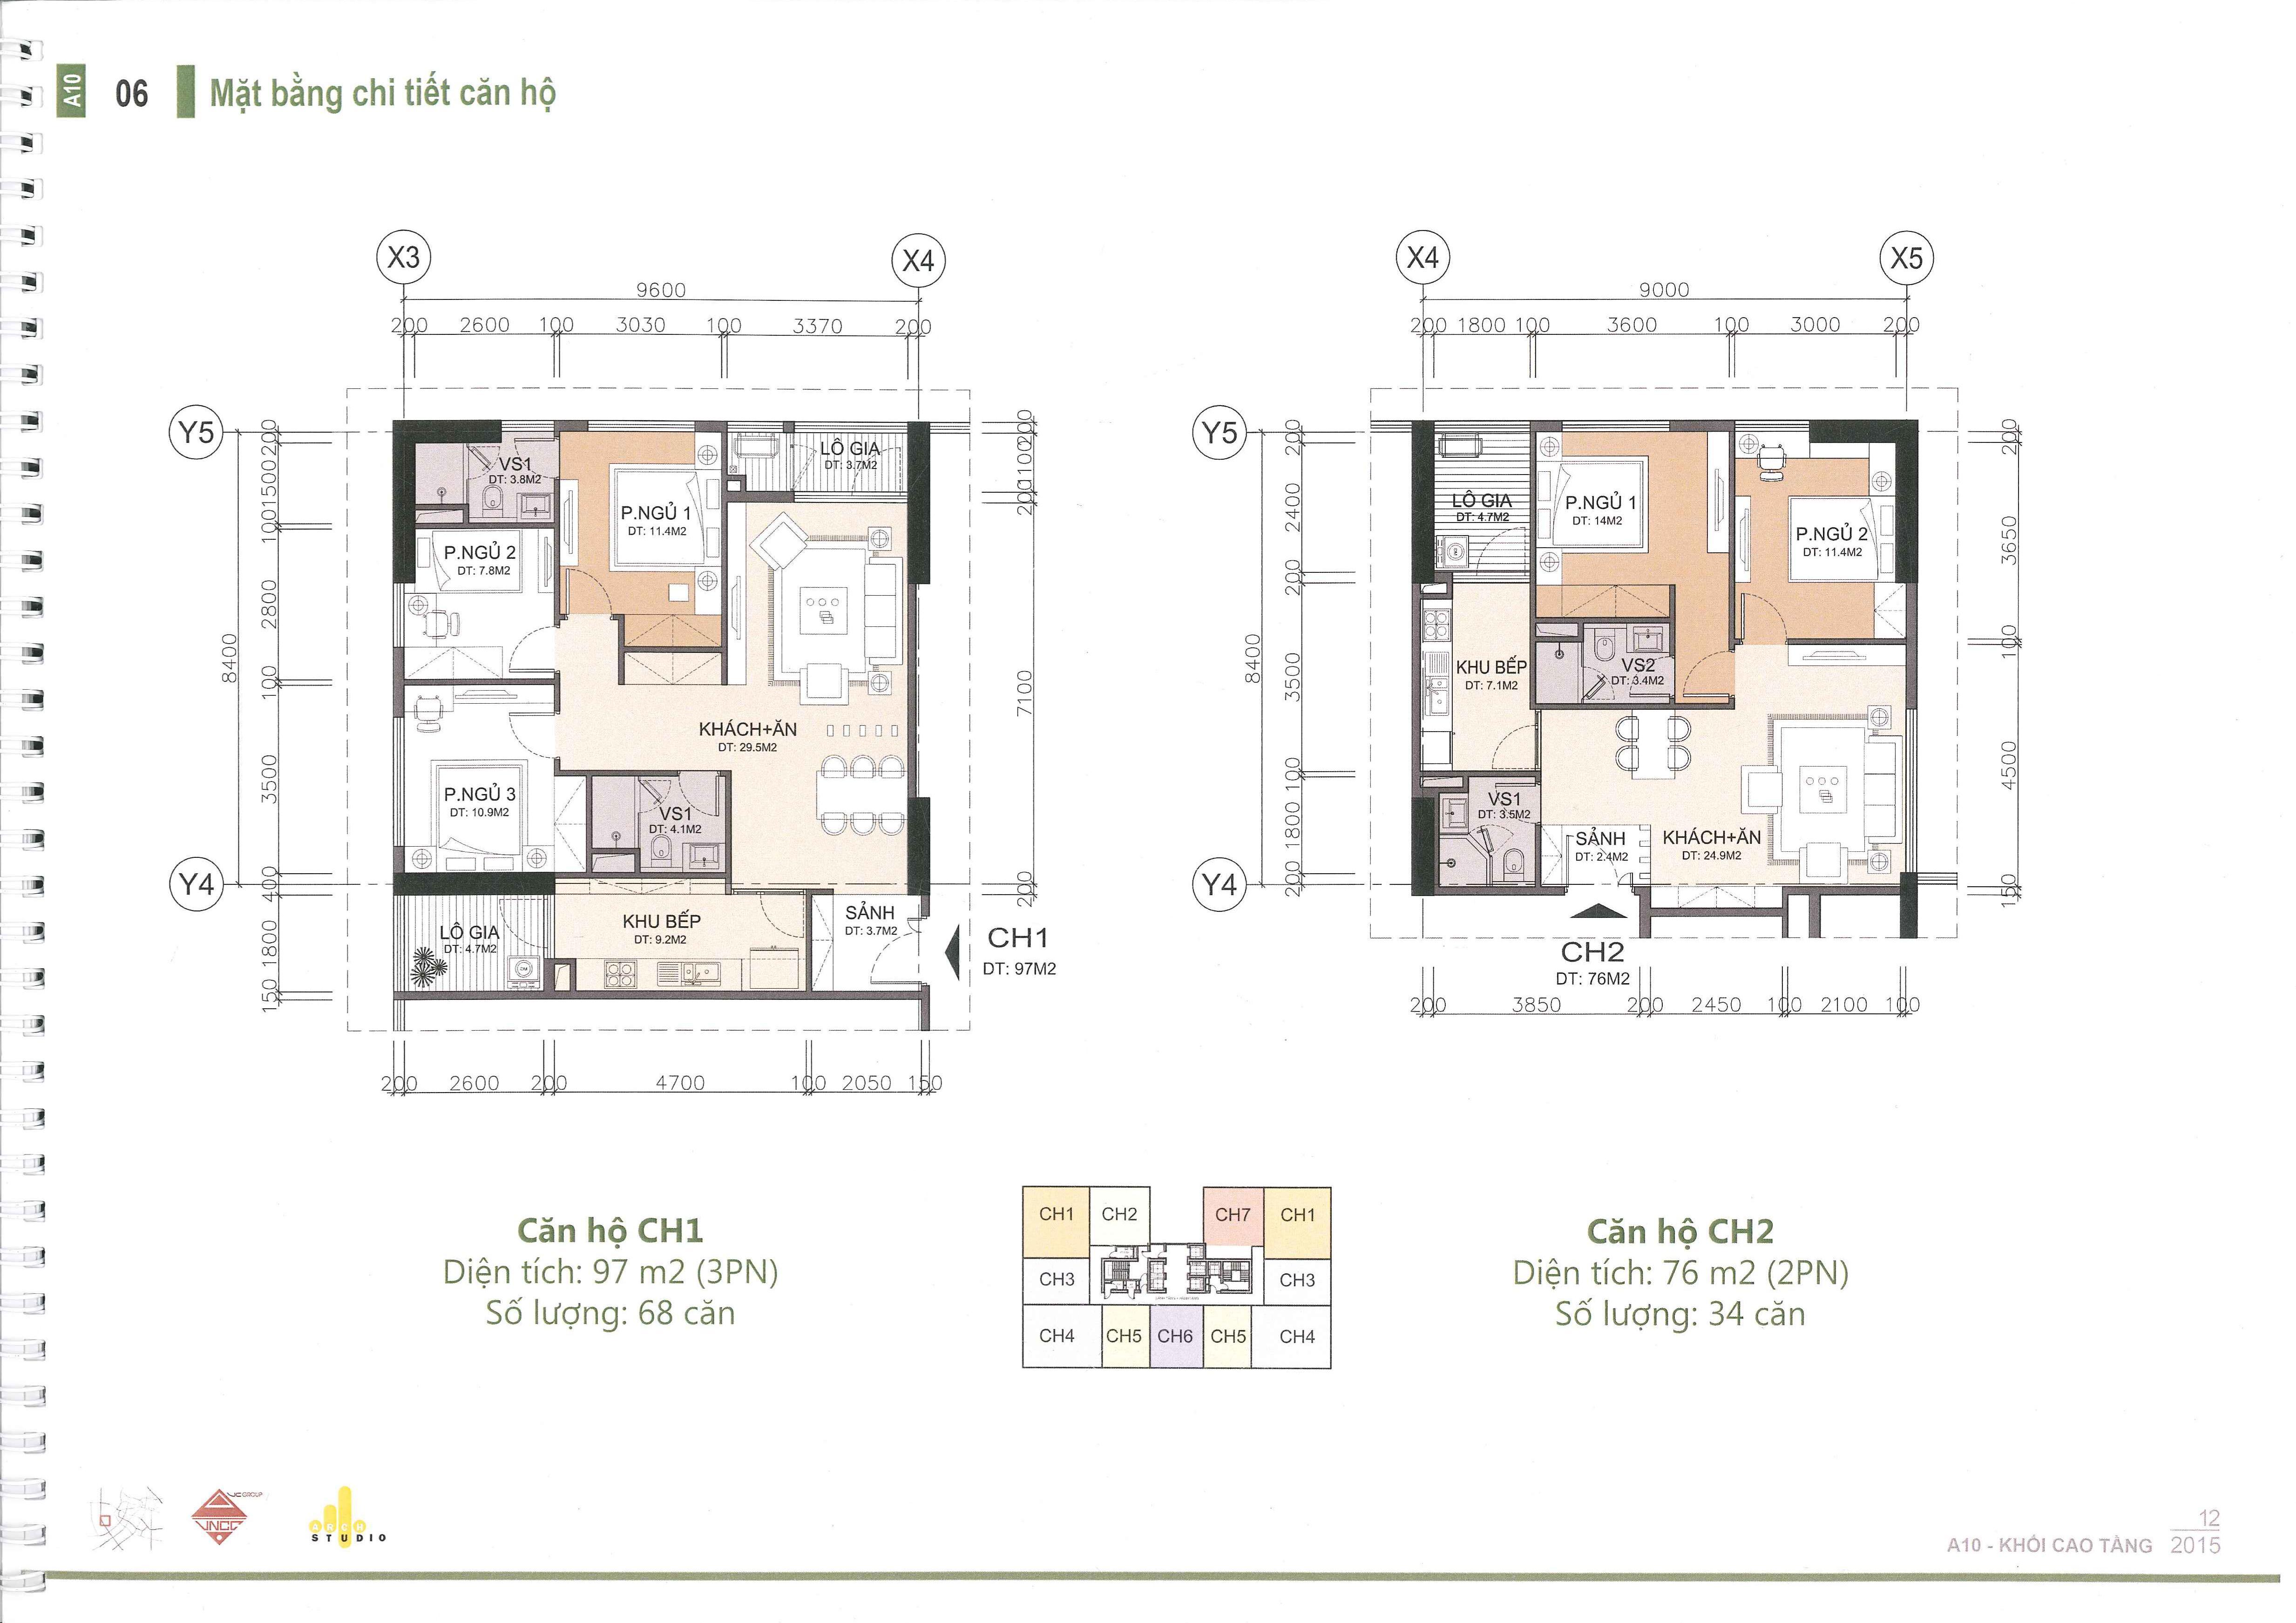 thiết kế căn hộ a10 nam trung yên ch1 và ch2